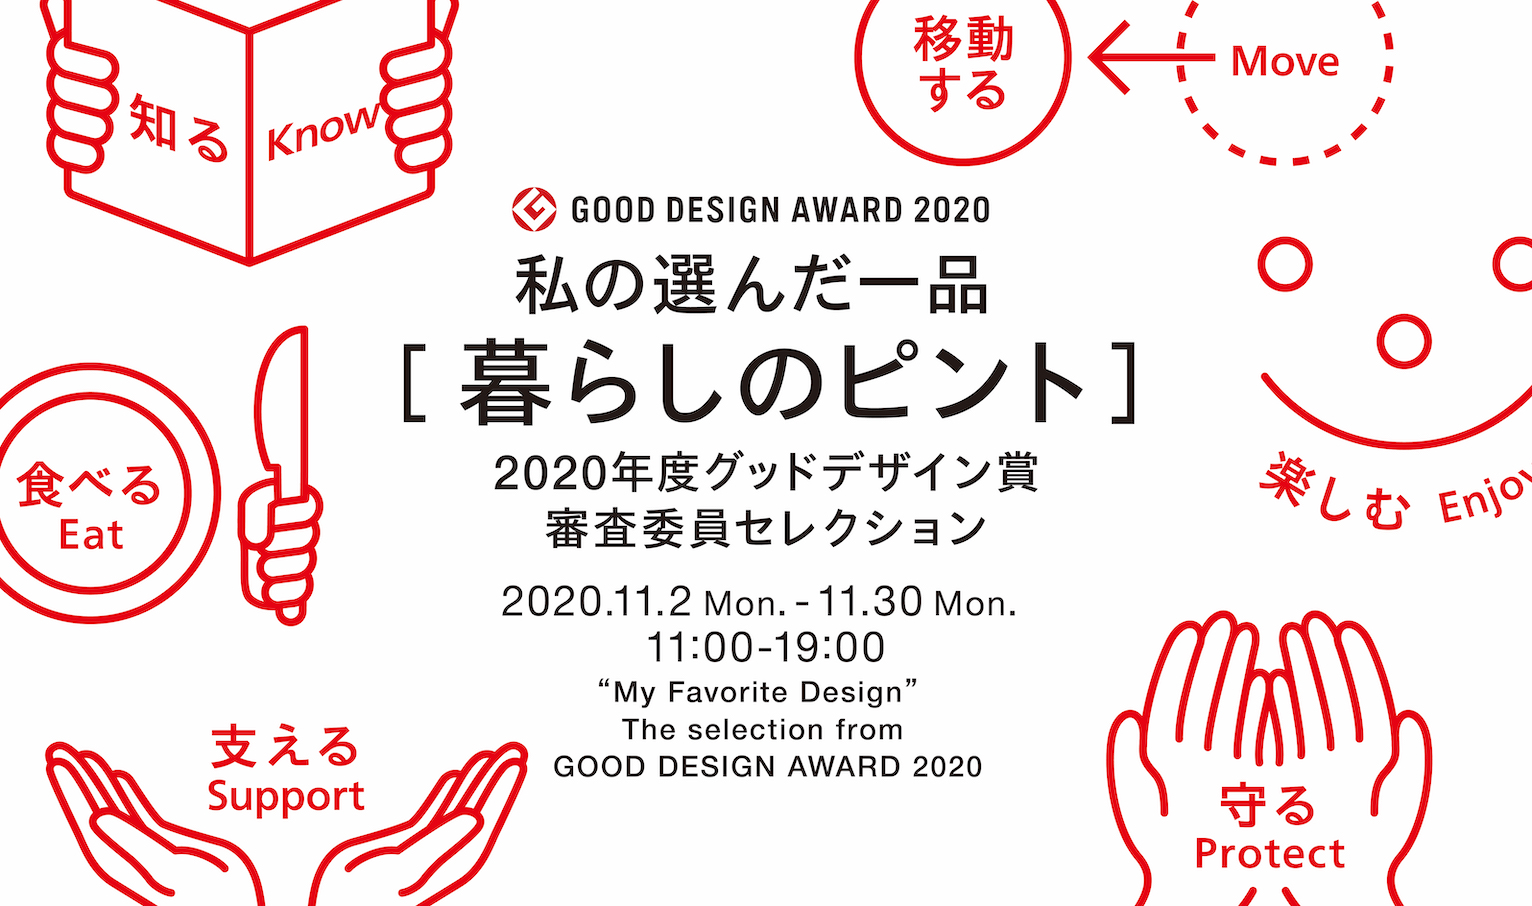 デザイン 賞 グッド GOOD DESIGN